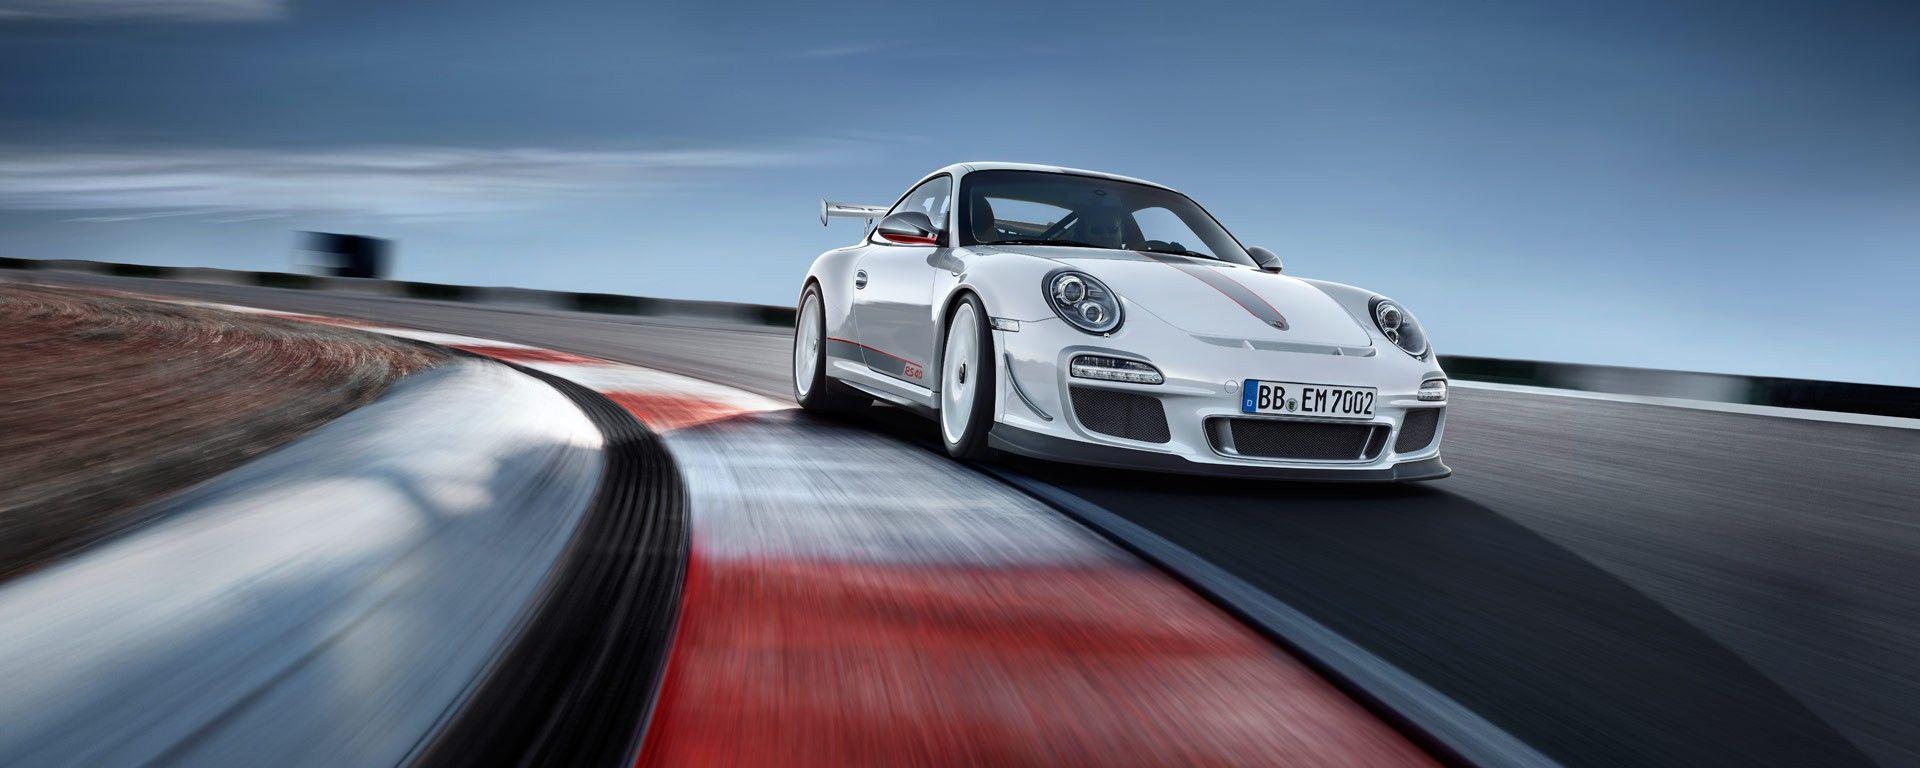 Porsche 911 GT3 RS 4.0, le nuove foto